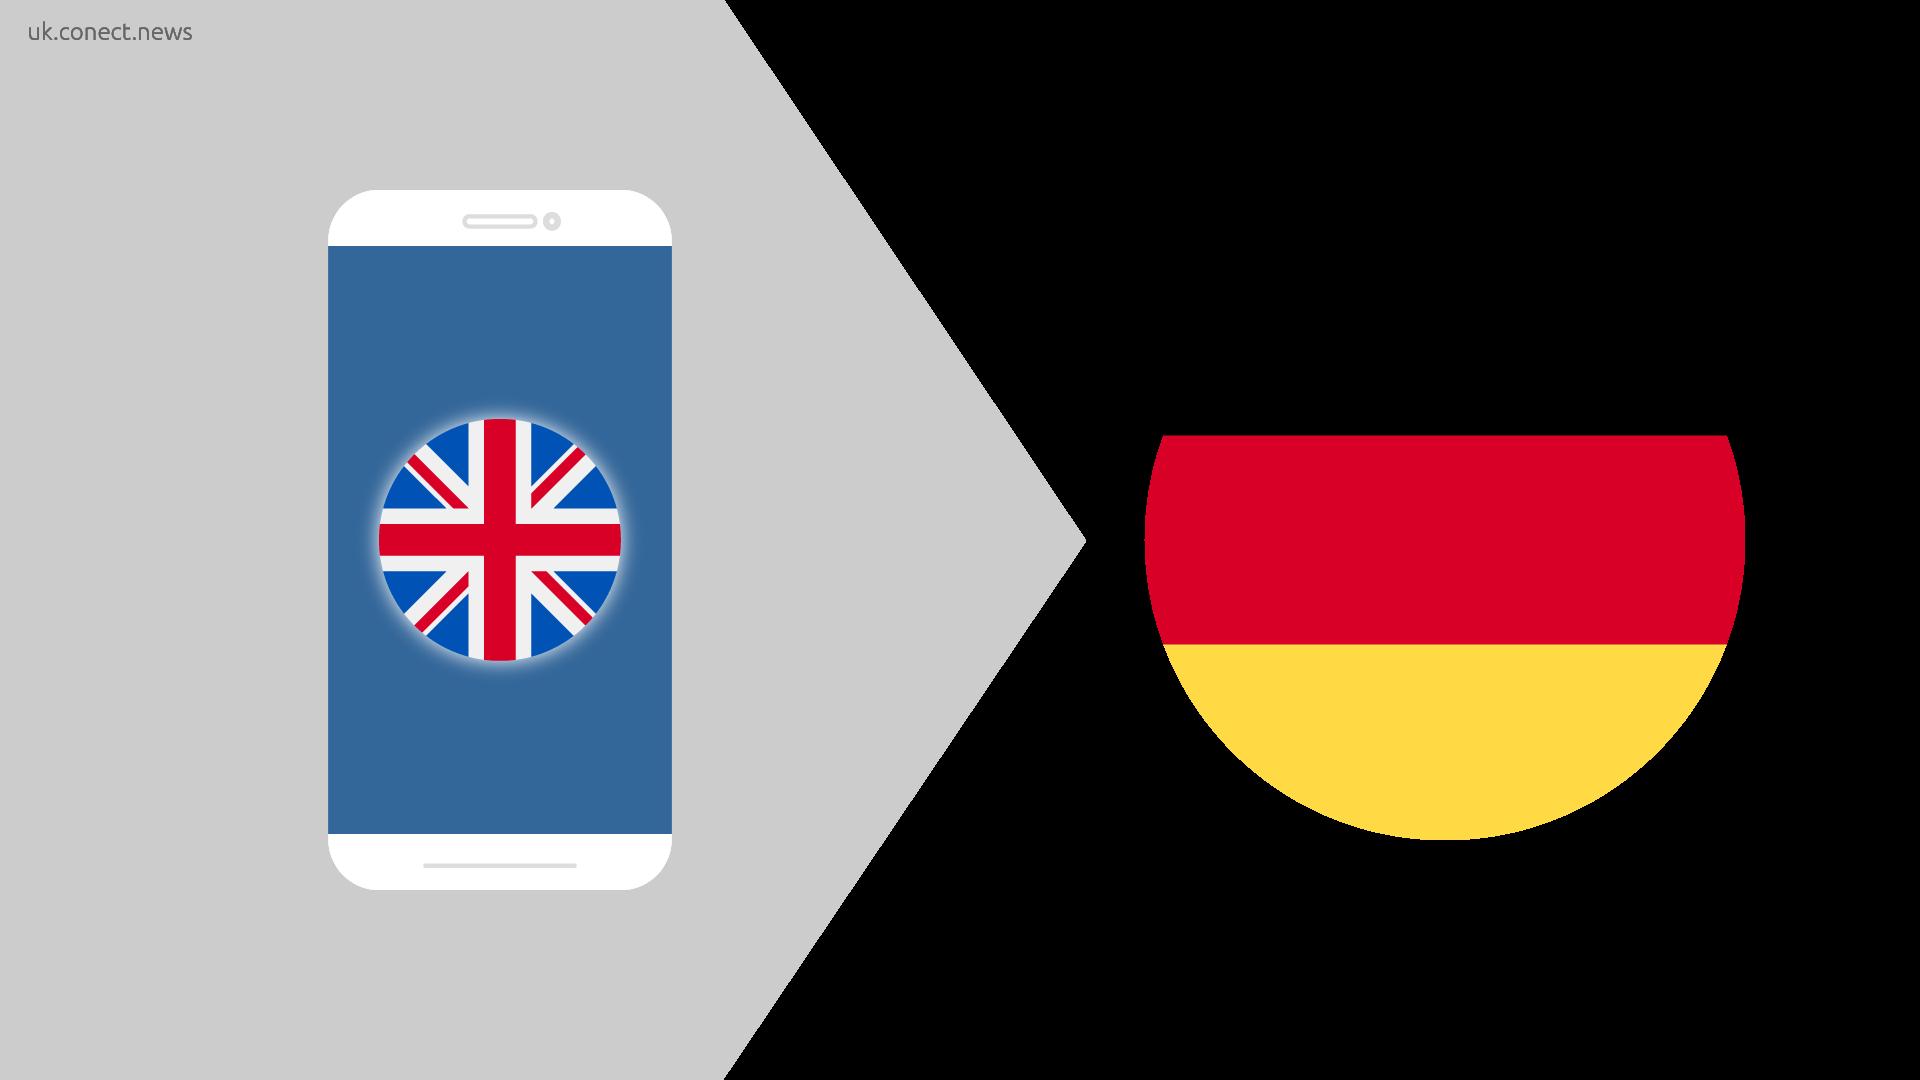 Vereinigtes Königreich-deutschland @conect_news